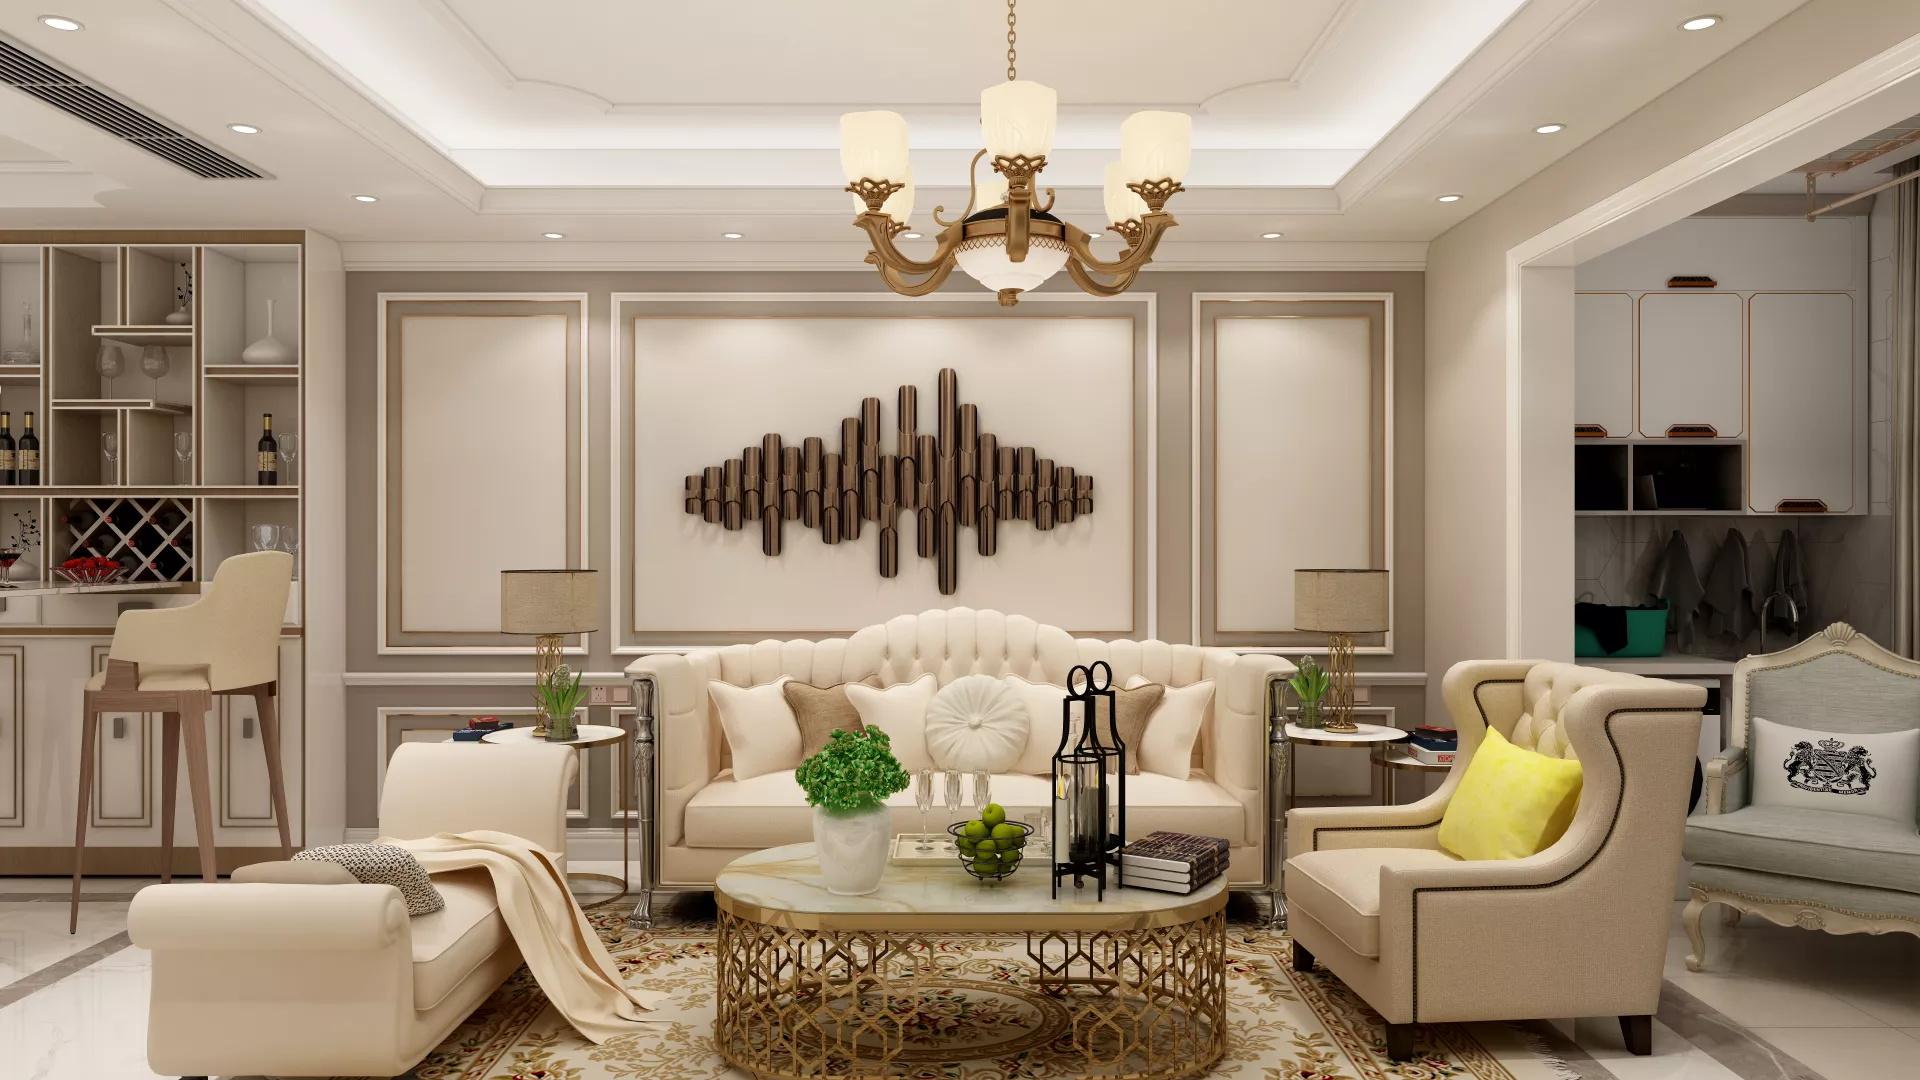 95㎡美式风格两居室家居装修效果图